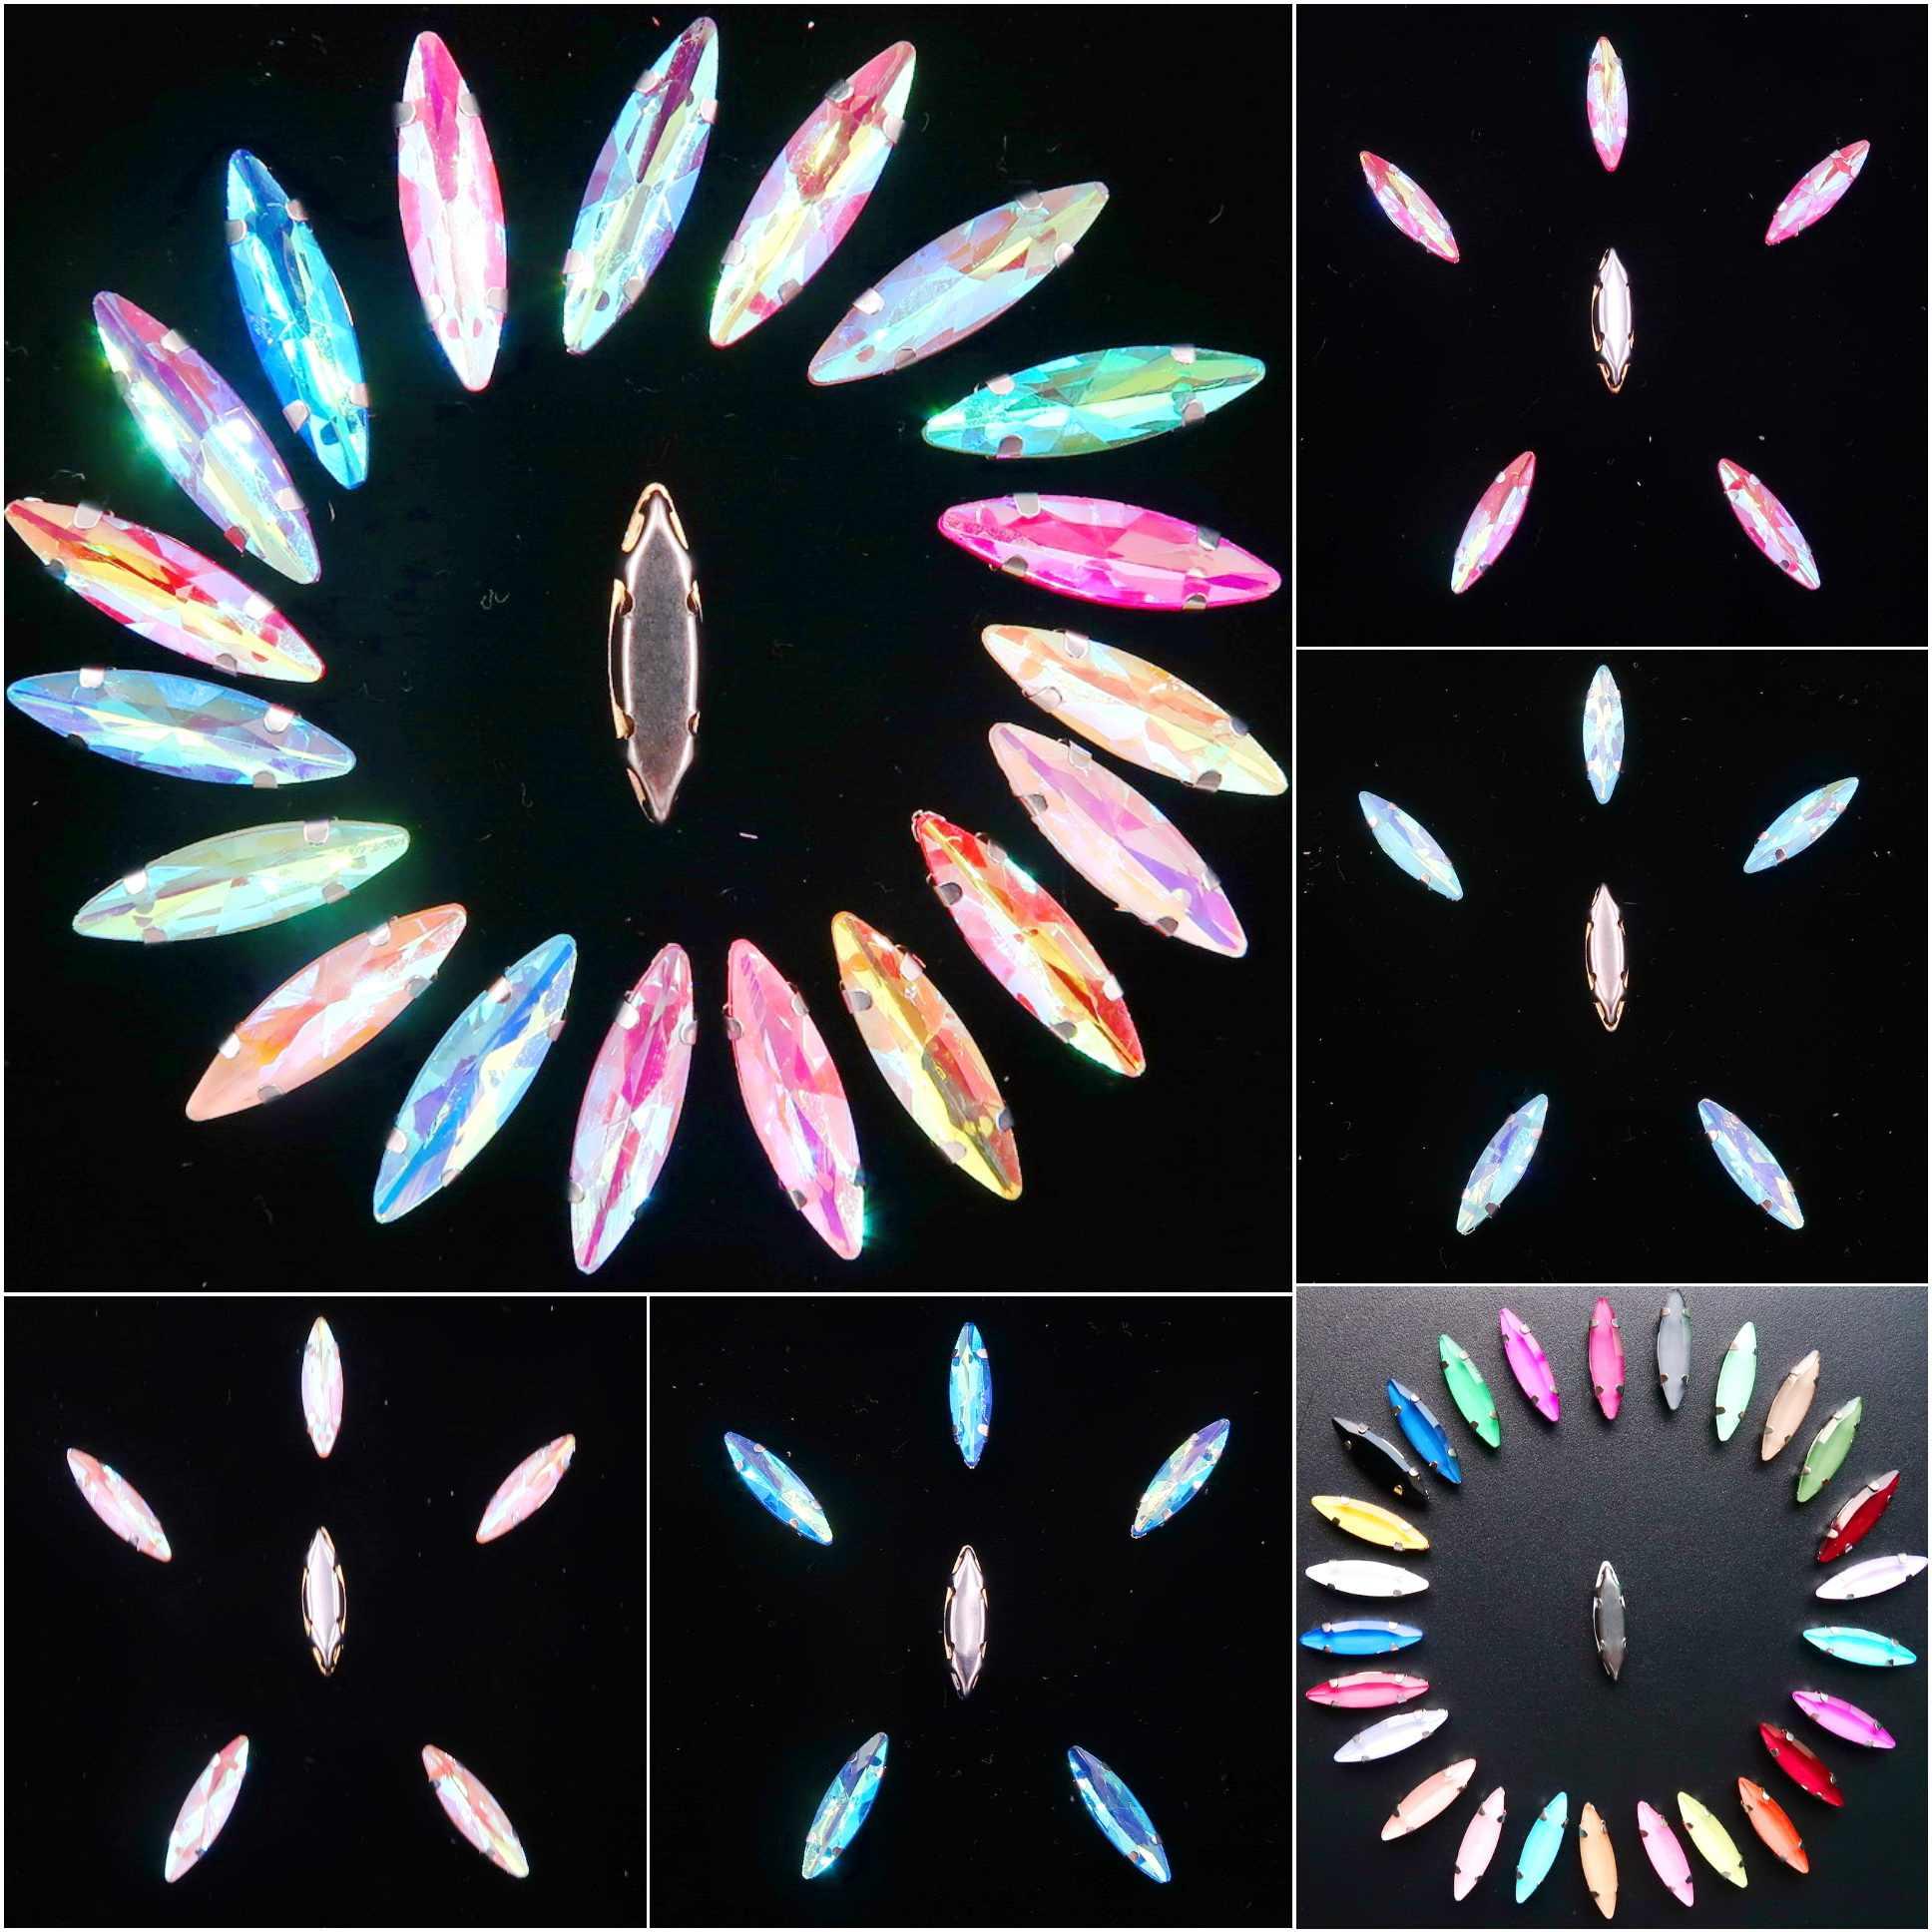 Srebrny pazur ustawienia 50 sztuk/paczka 4*15mm galaretki cukierki szkło kryształowe Navette Marquise kształt szyć na rhinestone kryształy odzież diy